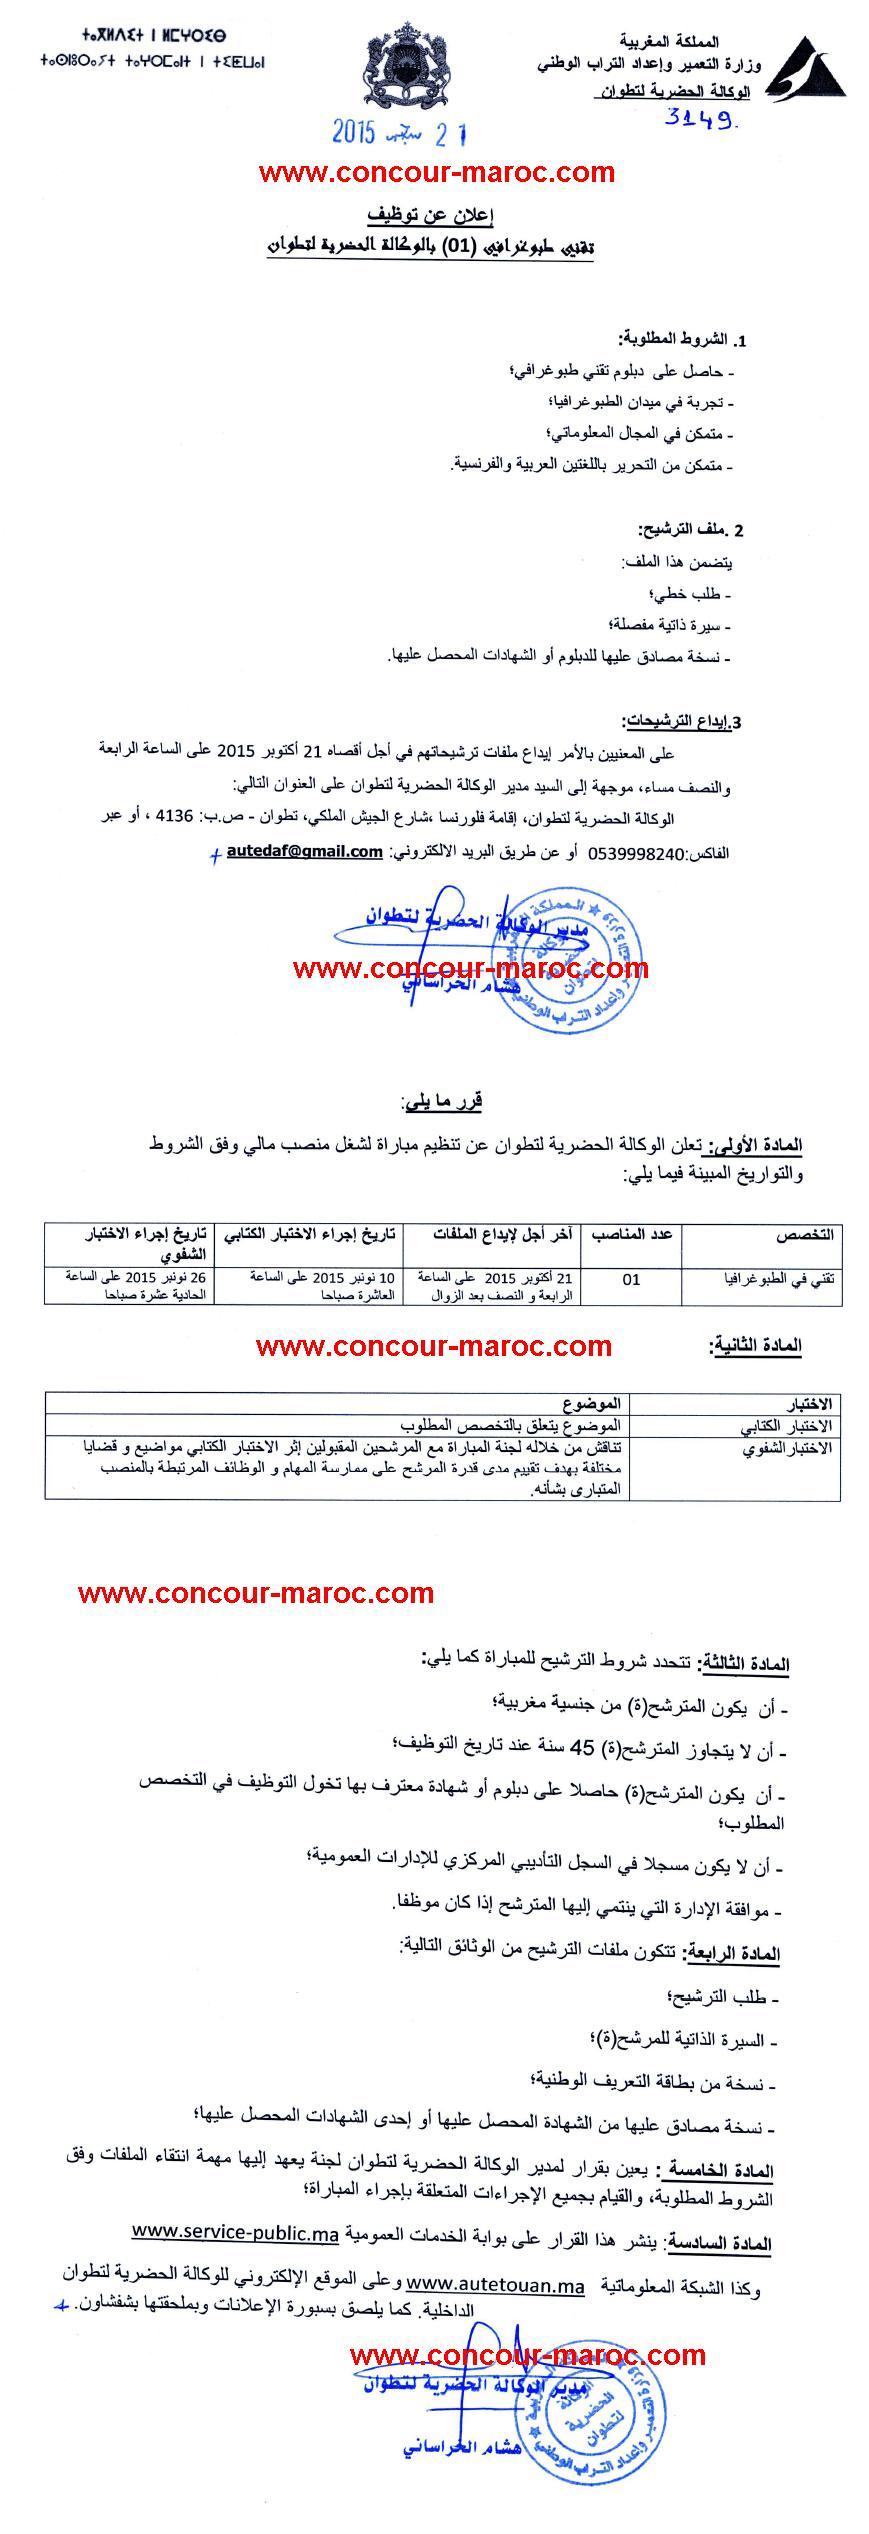 الوكالة الحضرية لتطوان : مباراة لتوظيف تقني طبوغرافي (1 منصب) آخر أجل لإيداع الترشيحات 21 اكتوبر 2015 Concou41